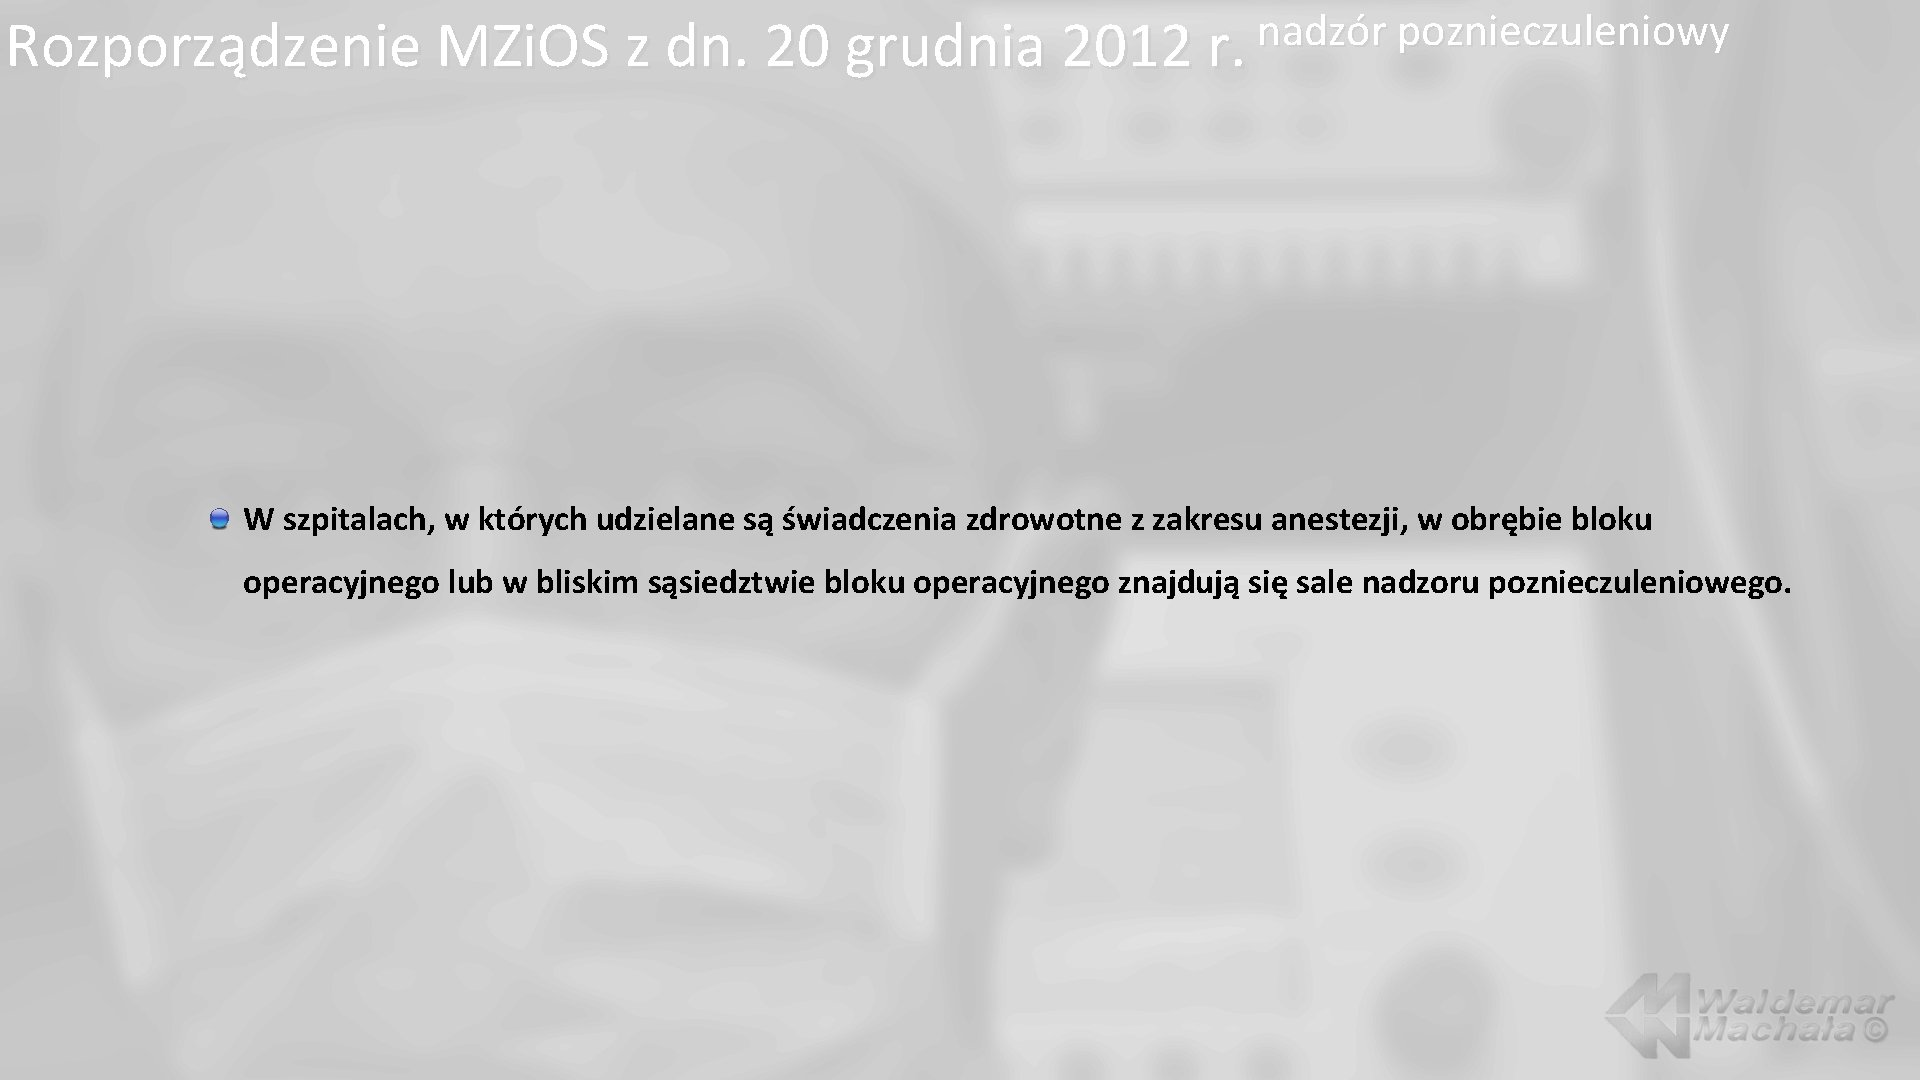 nadzór poznieczuleniowy Rozporządzenie MZi. OS z dn. 20 grudnia 2012 r. W szpitalach, w